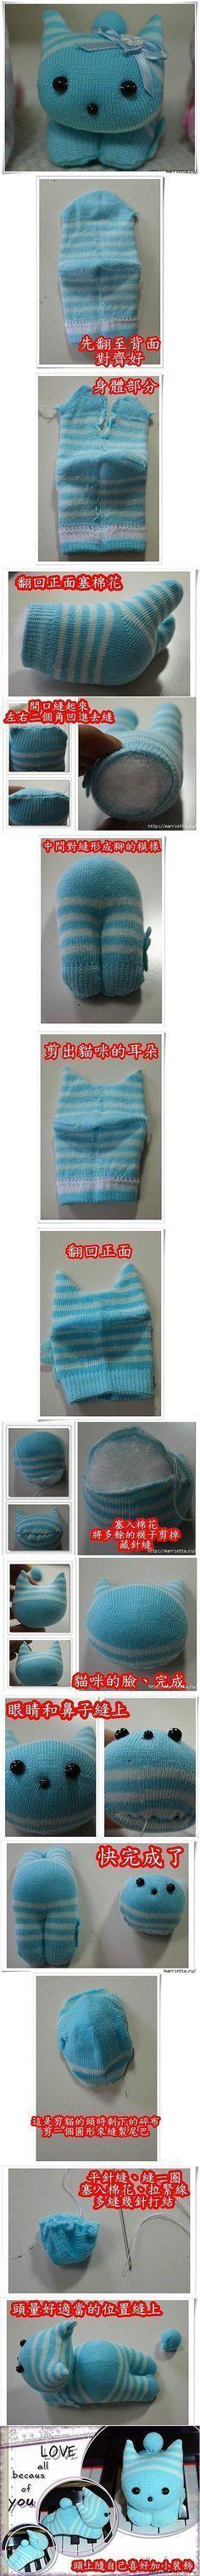 Une autre peluche doudou en chaussettes d'enfant cette fois :) Merci que d'idées ;)